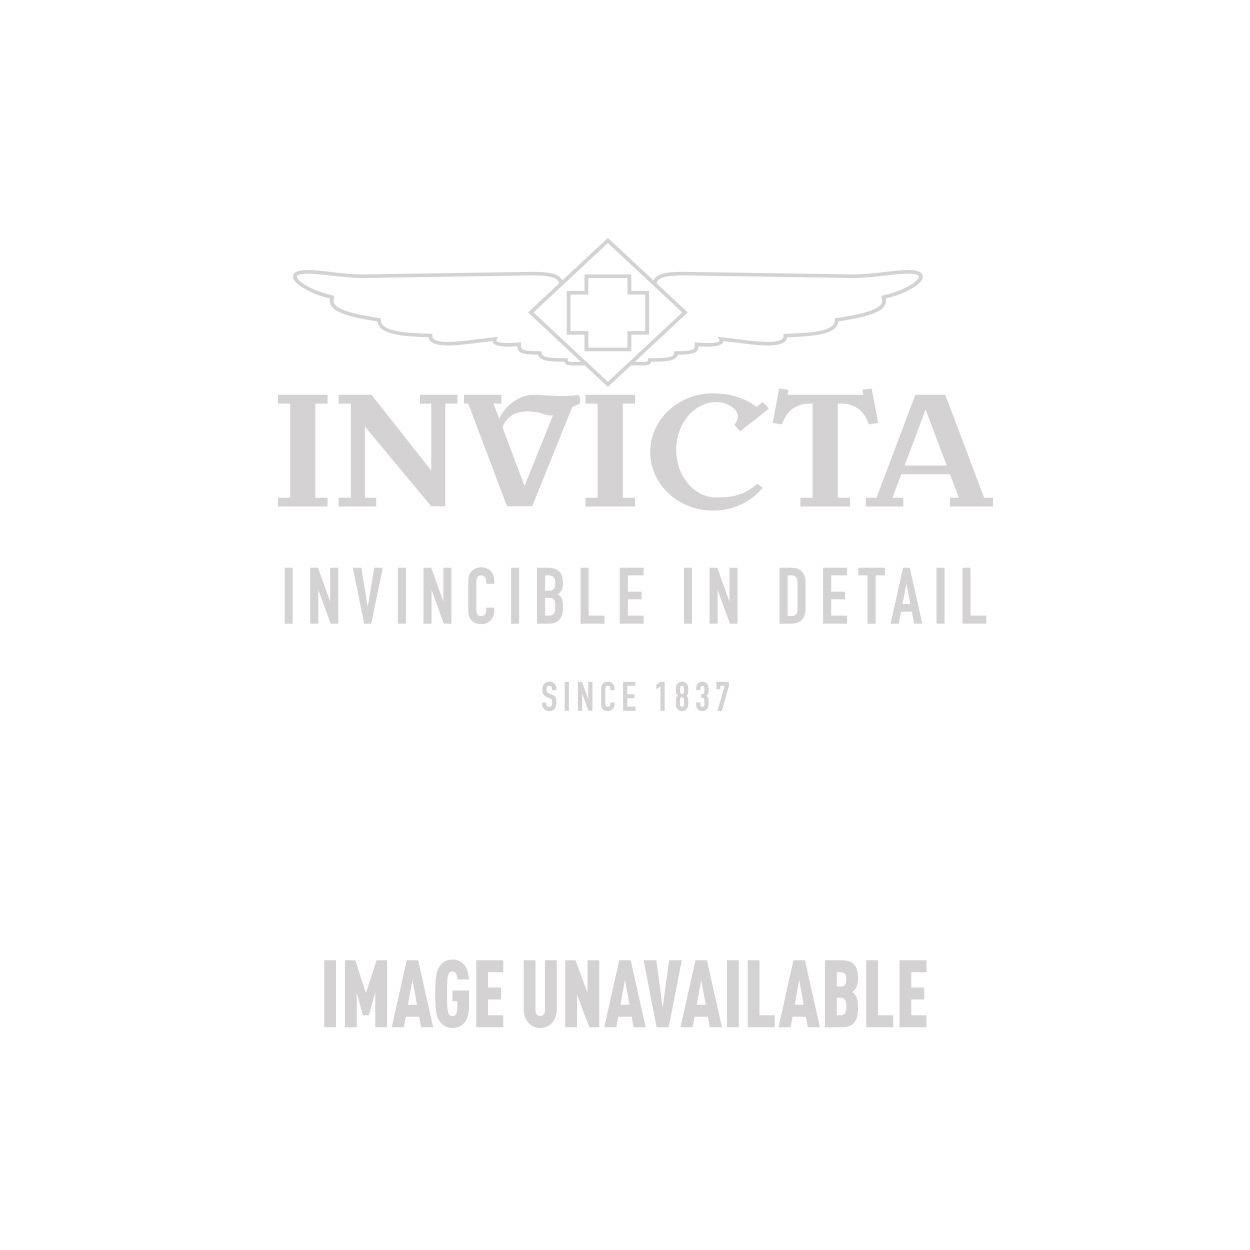 Invicta Model  25881